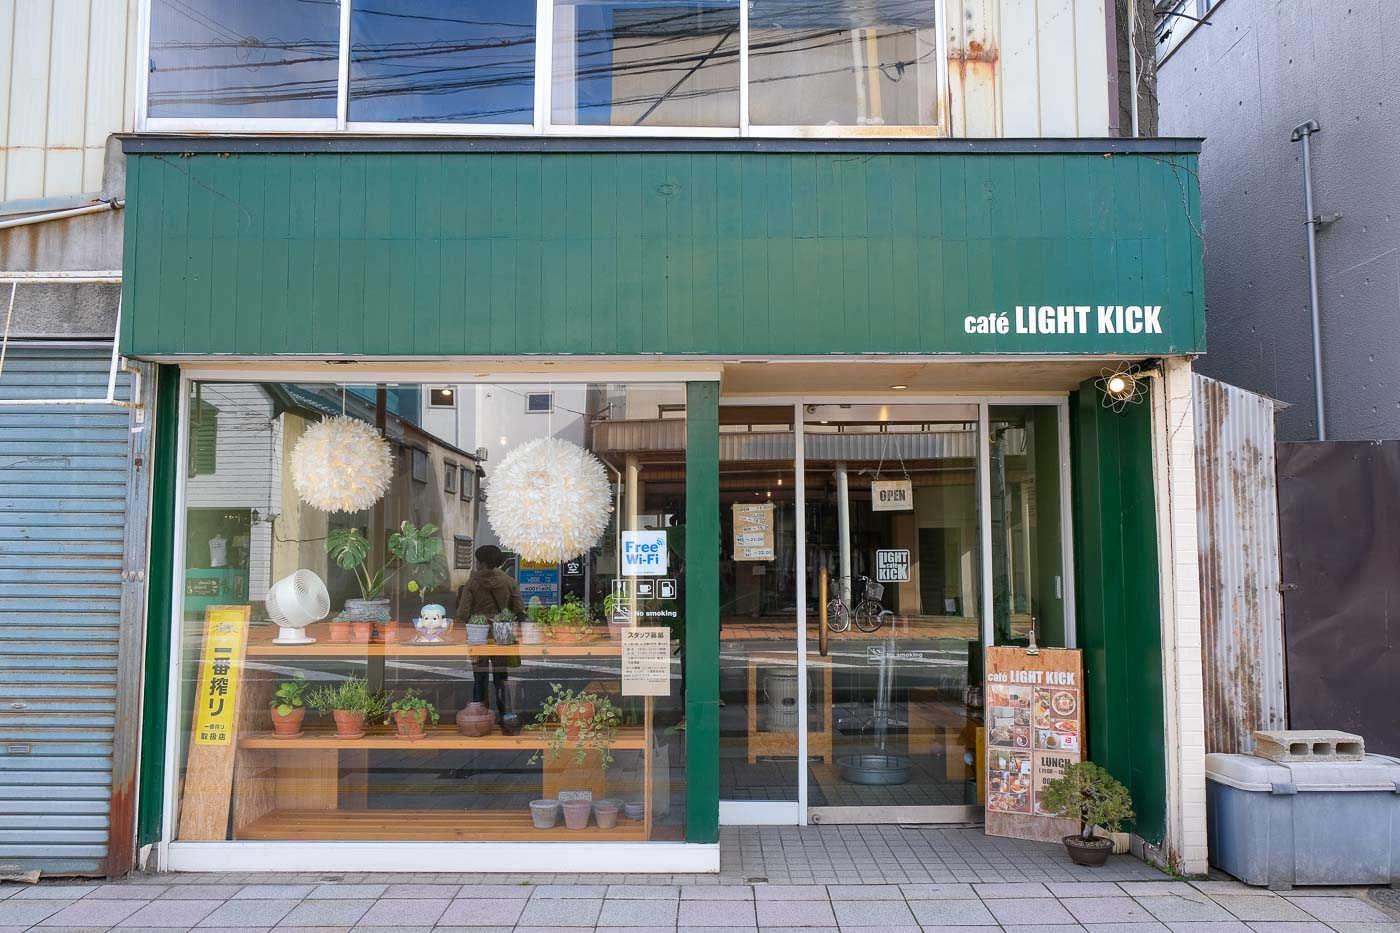 cafe-lightkick-02